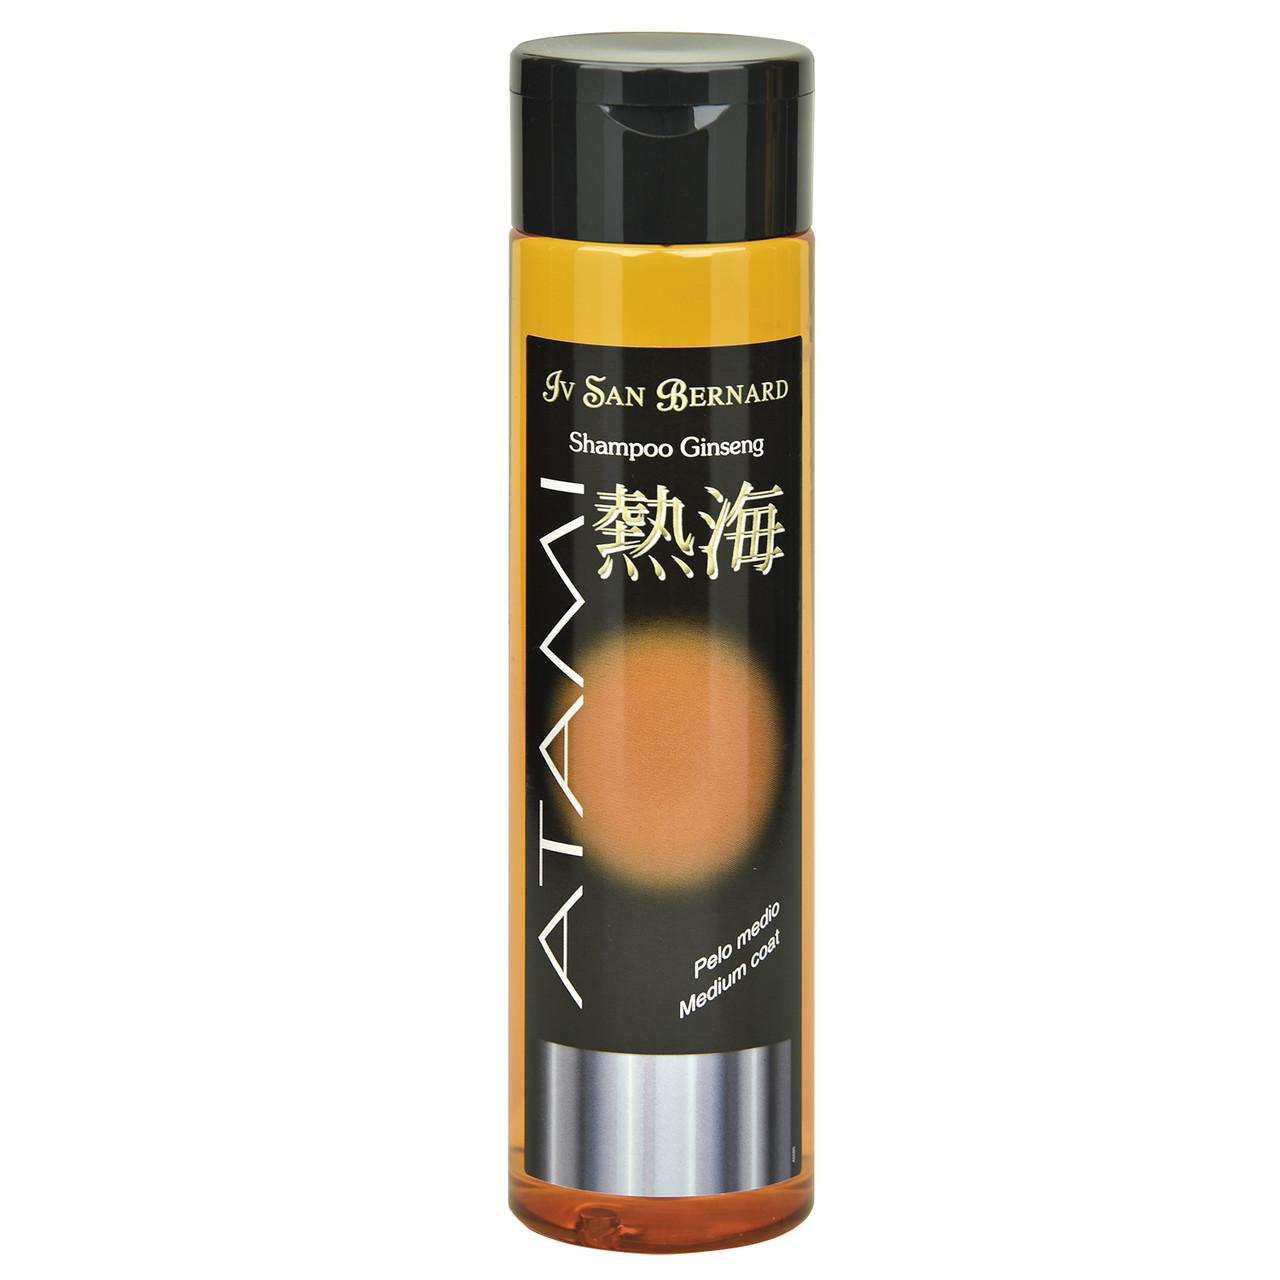 Шампунь Iv San Bernard Ginseng для средней шерсти, питание кожи, восстановление, 250мл